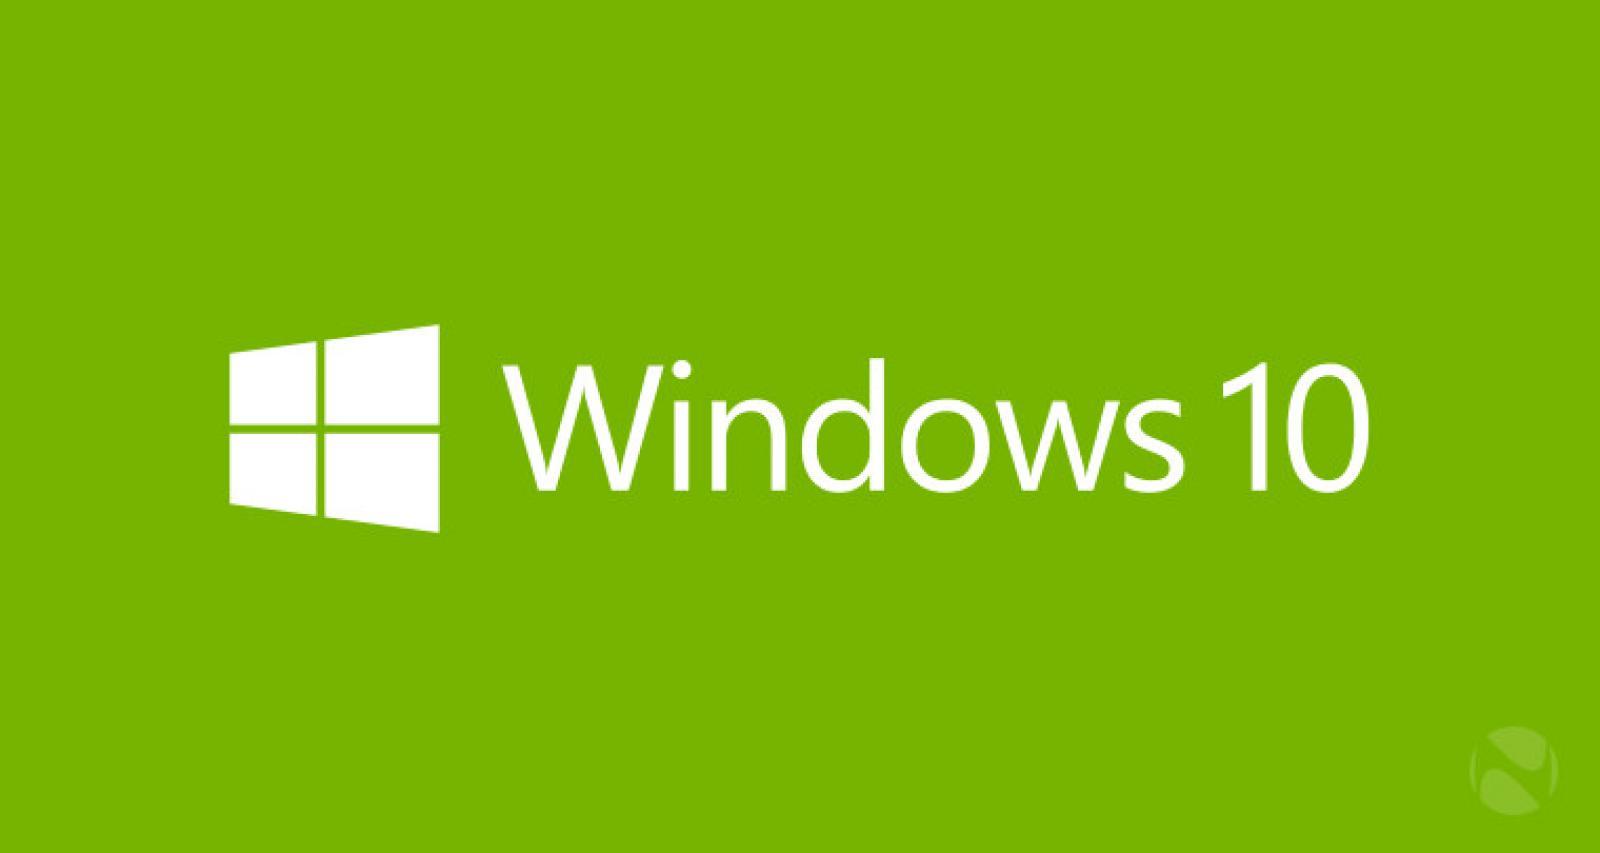 Генпрокуратура проверит Windows 10 нашпионаж